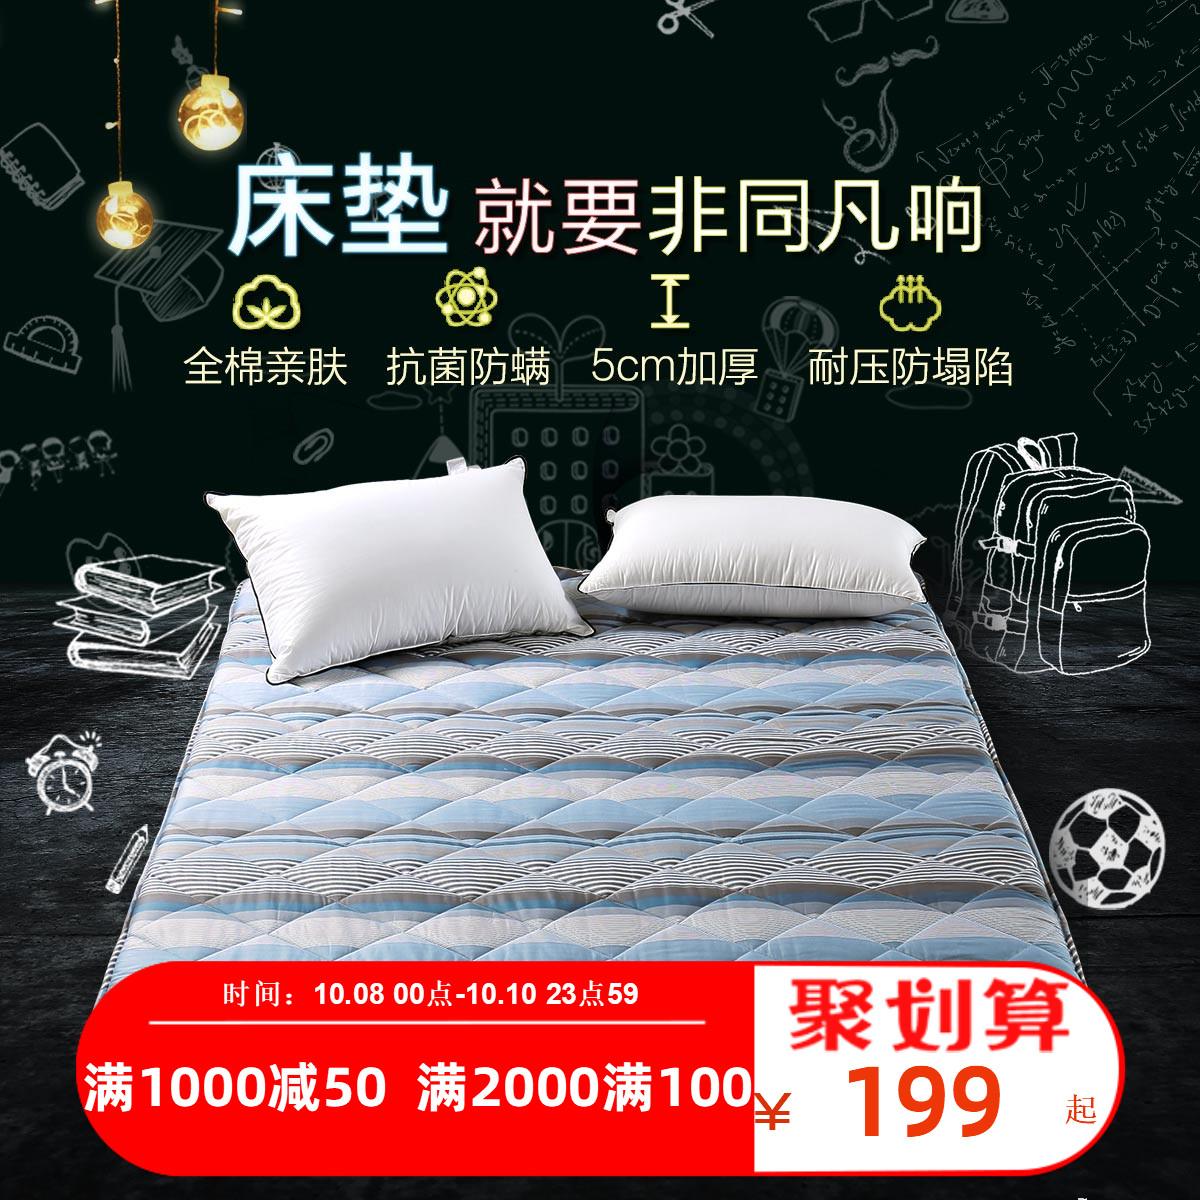 热销211件限时抢购水星家纺床垫软垫榻榻米保护垫子学生宿舍床褥子垫被单人0.9m加厚